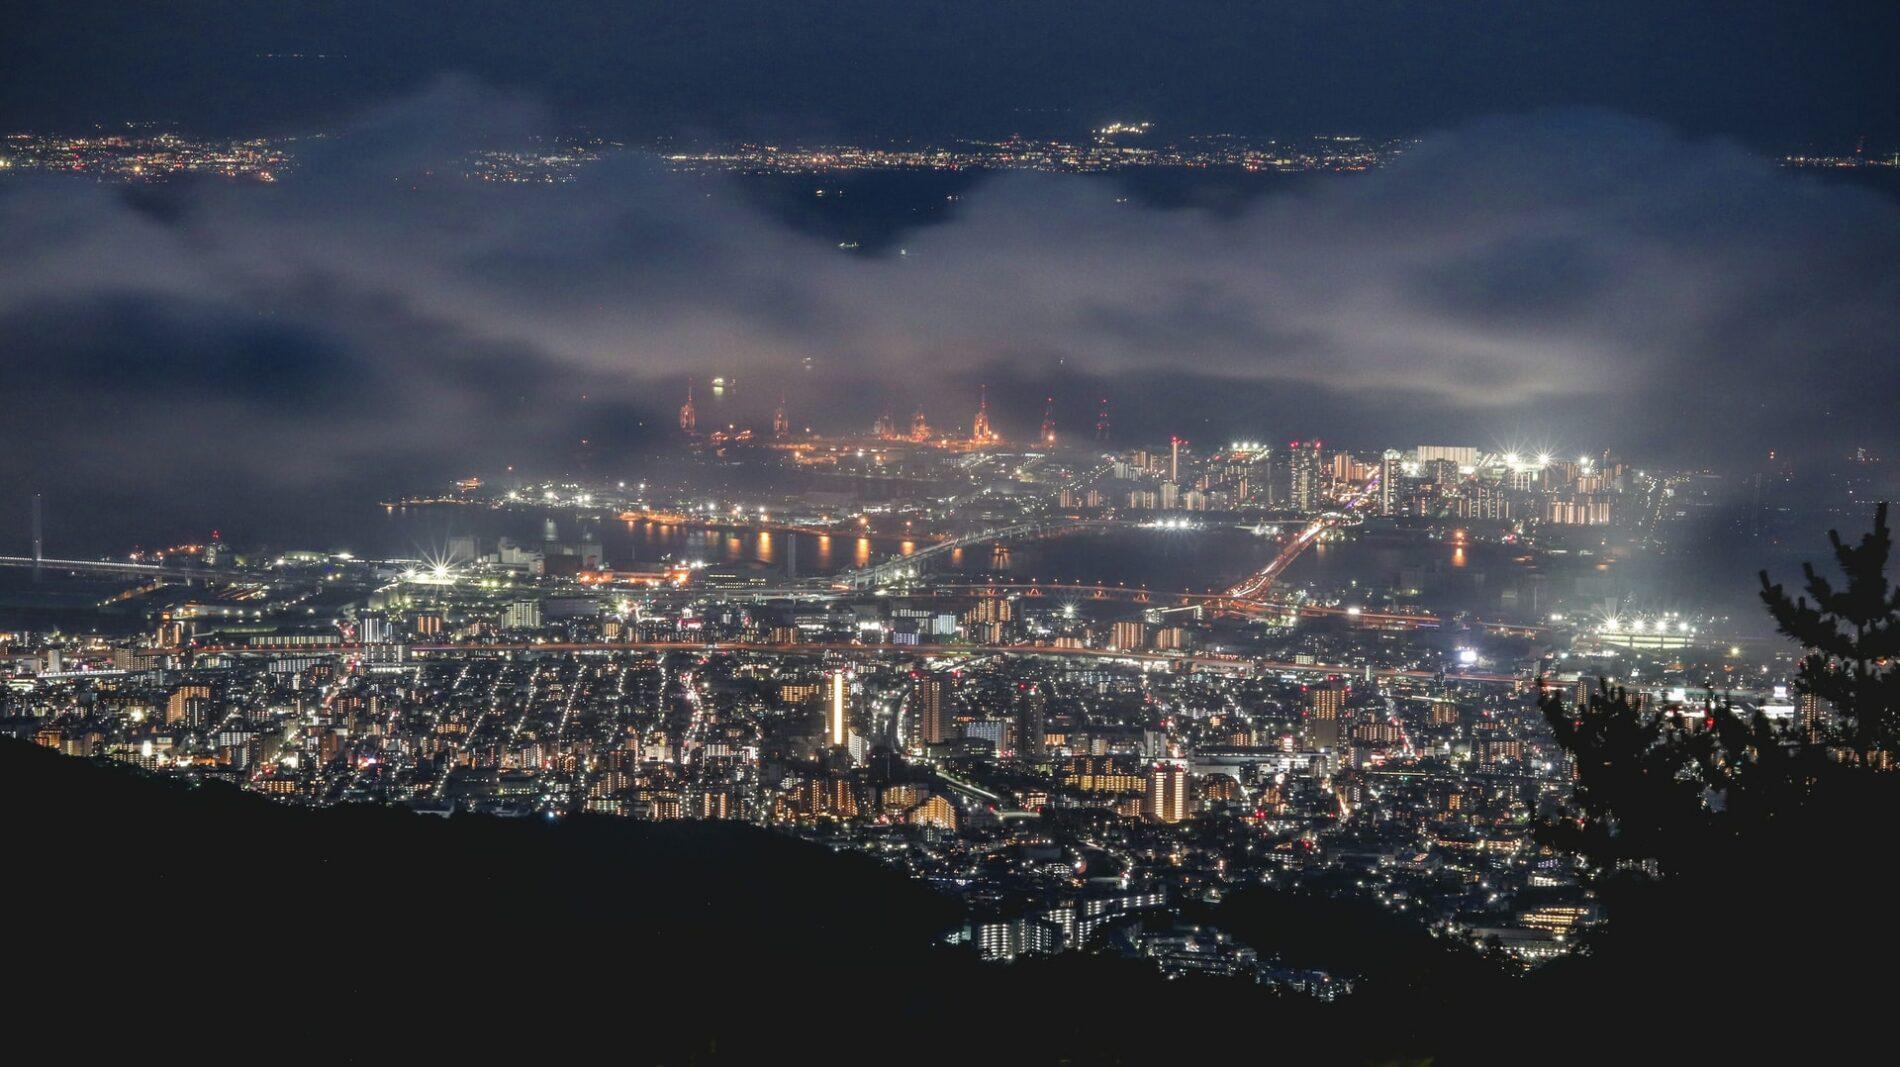 Blick von den Rokkōbergen über Kobe bei Nacht. (Foto: Ethan Hu, Unsplash https://unsplash.com/photos/S--4e_Q-wMk)